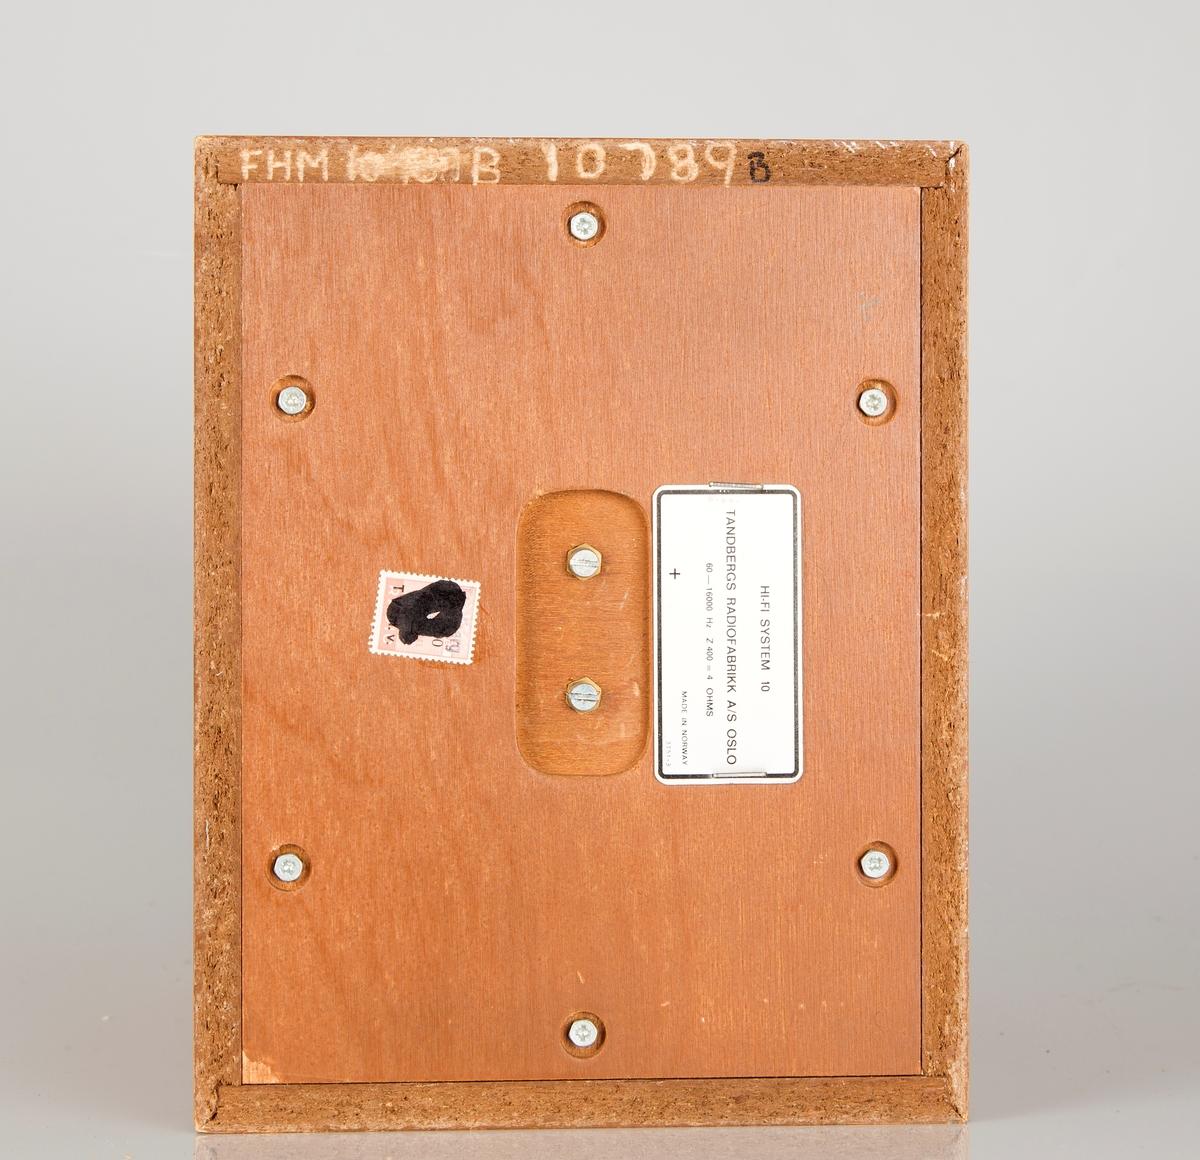 Radioapparat med to eksterne høyttalere. Rektangulært teak-finert kabinett, sort glassfront.